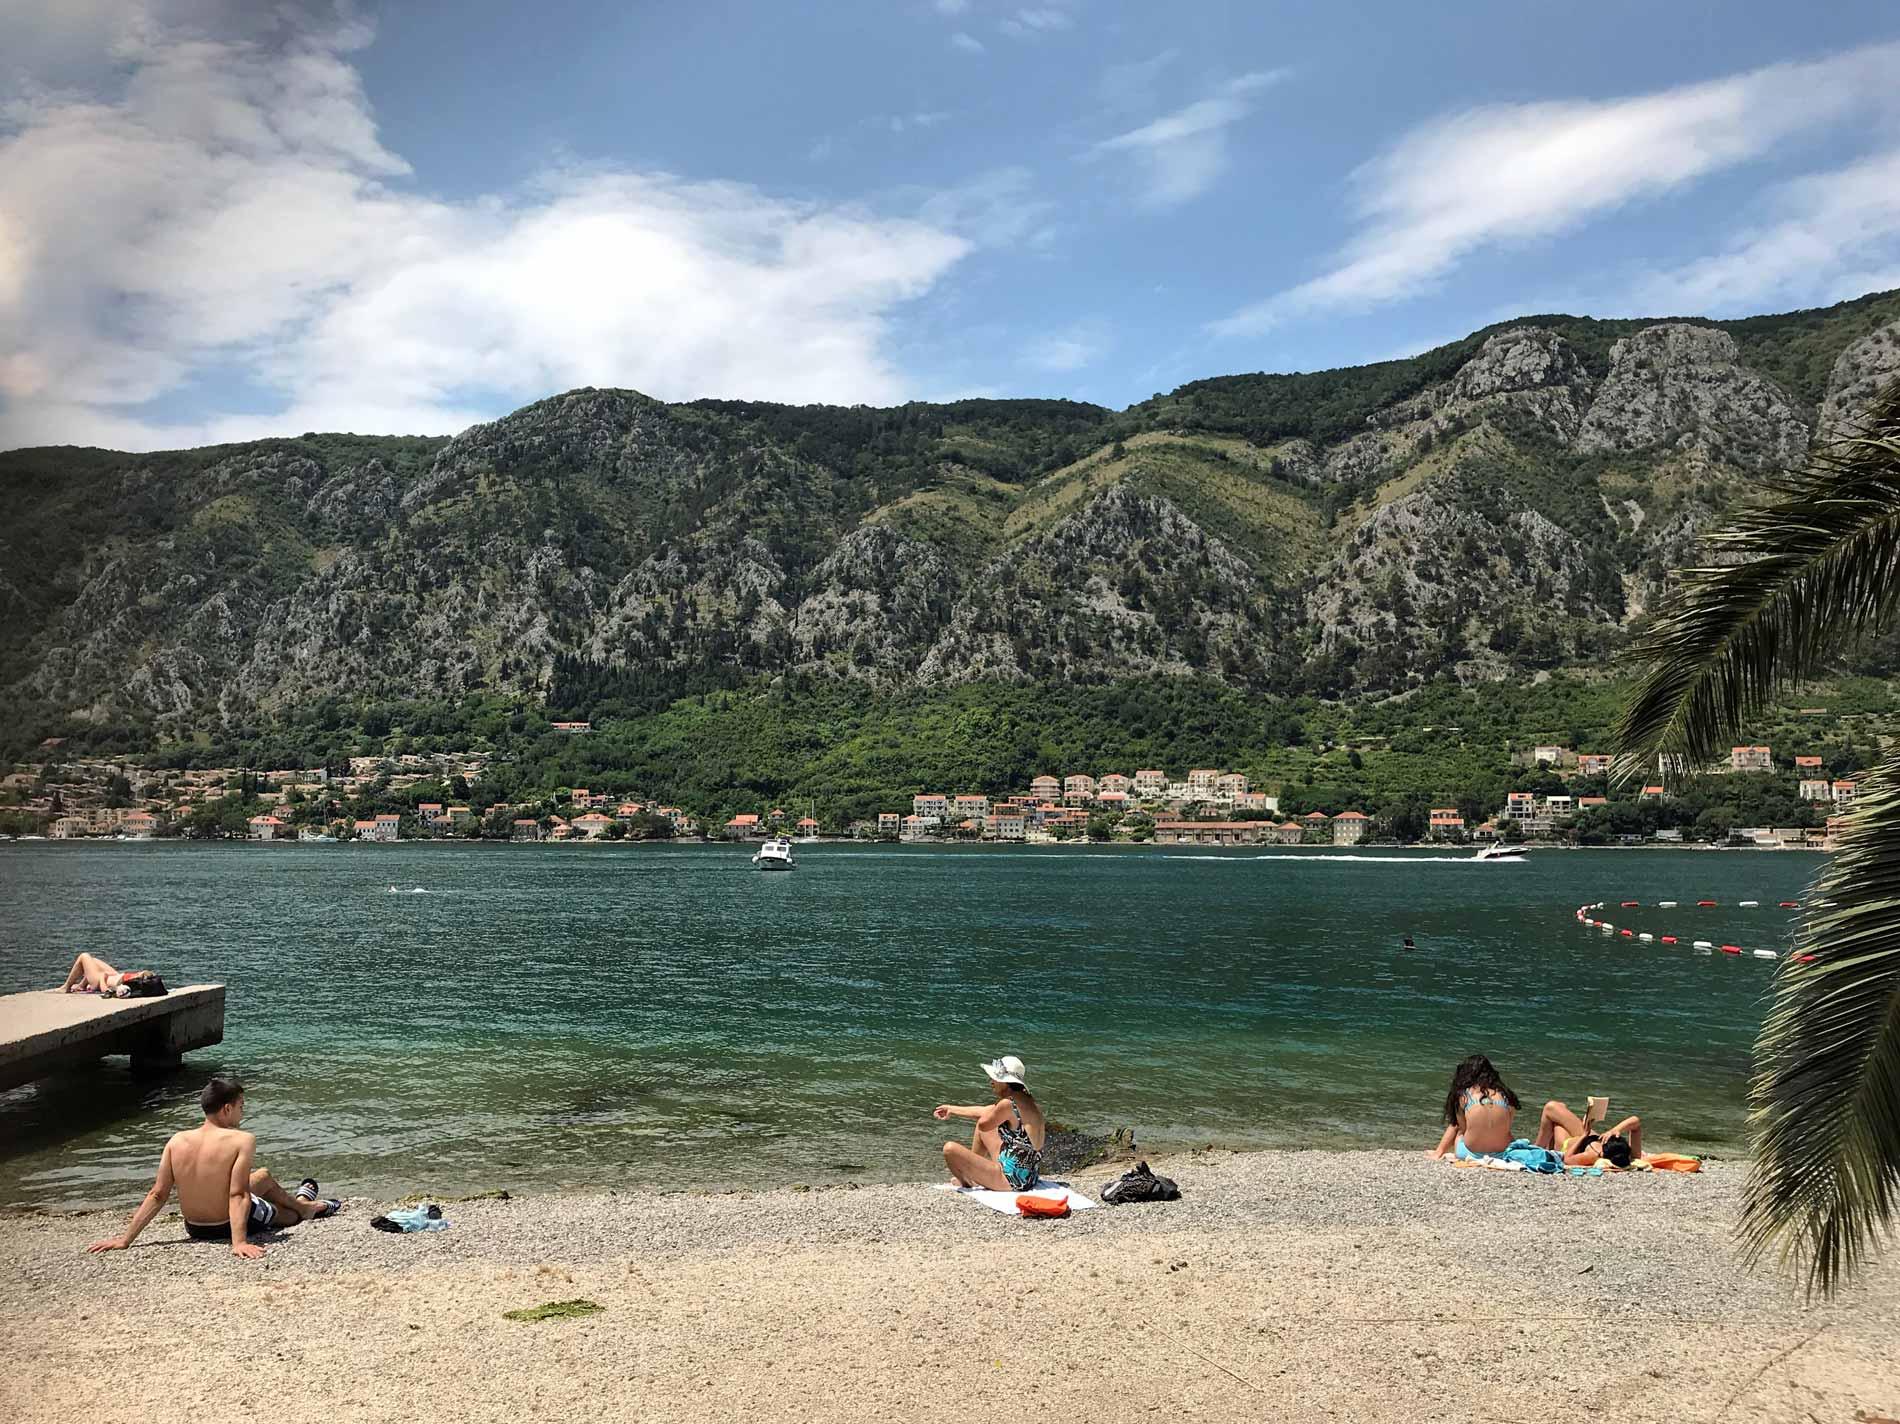 Bocche-di-Cattaro-Montenegro-bagnanti-sulla-spiaggia-mare